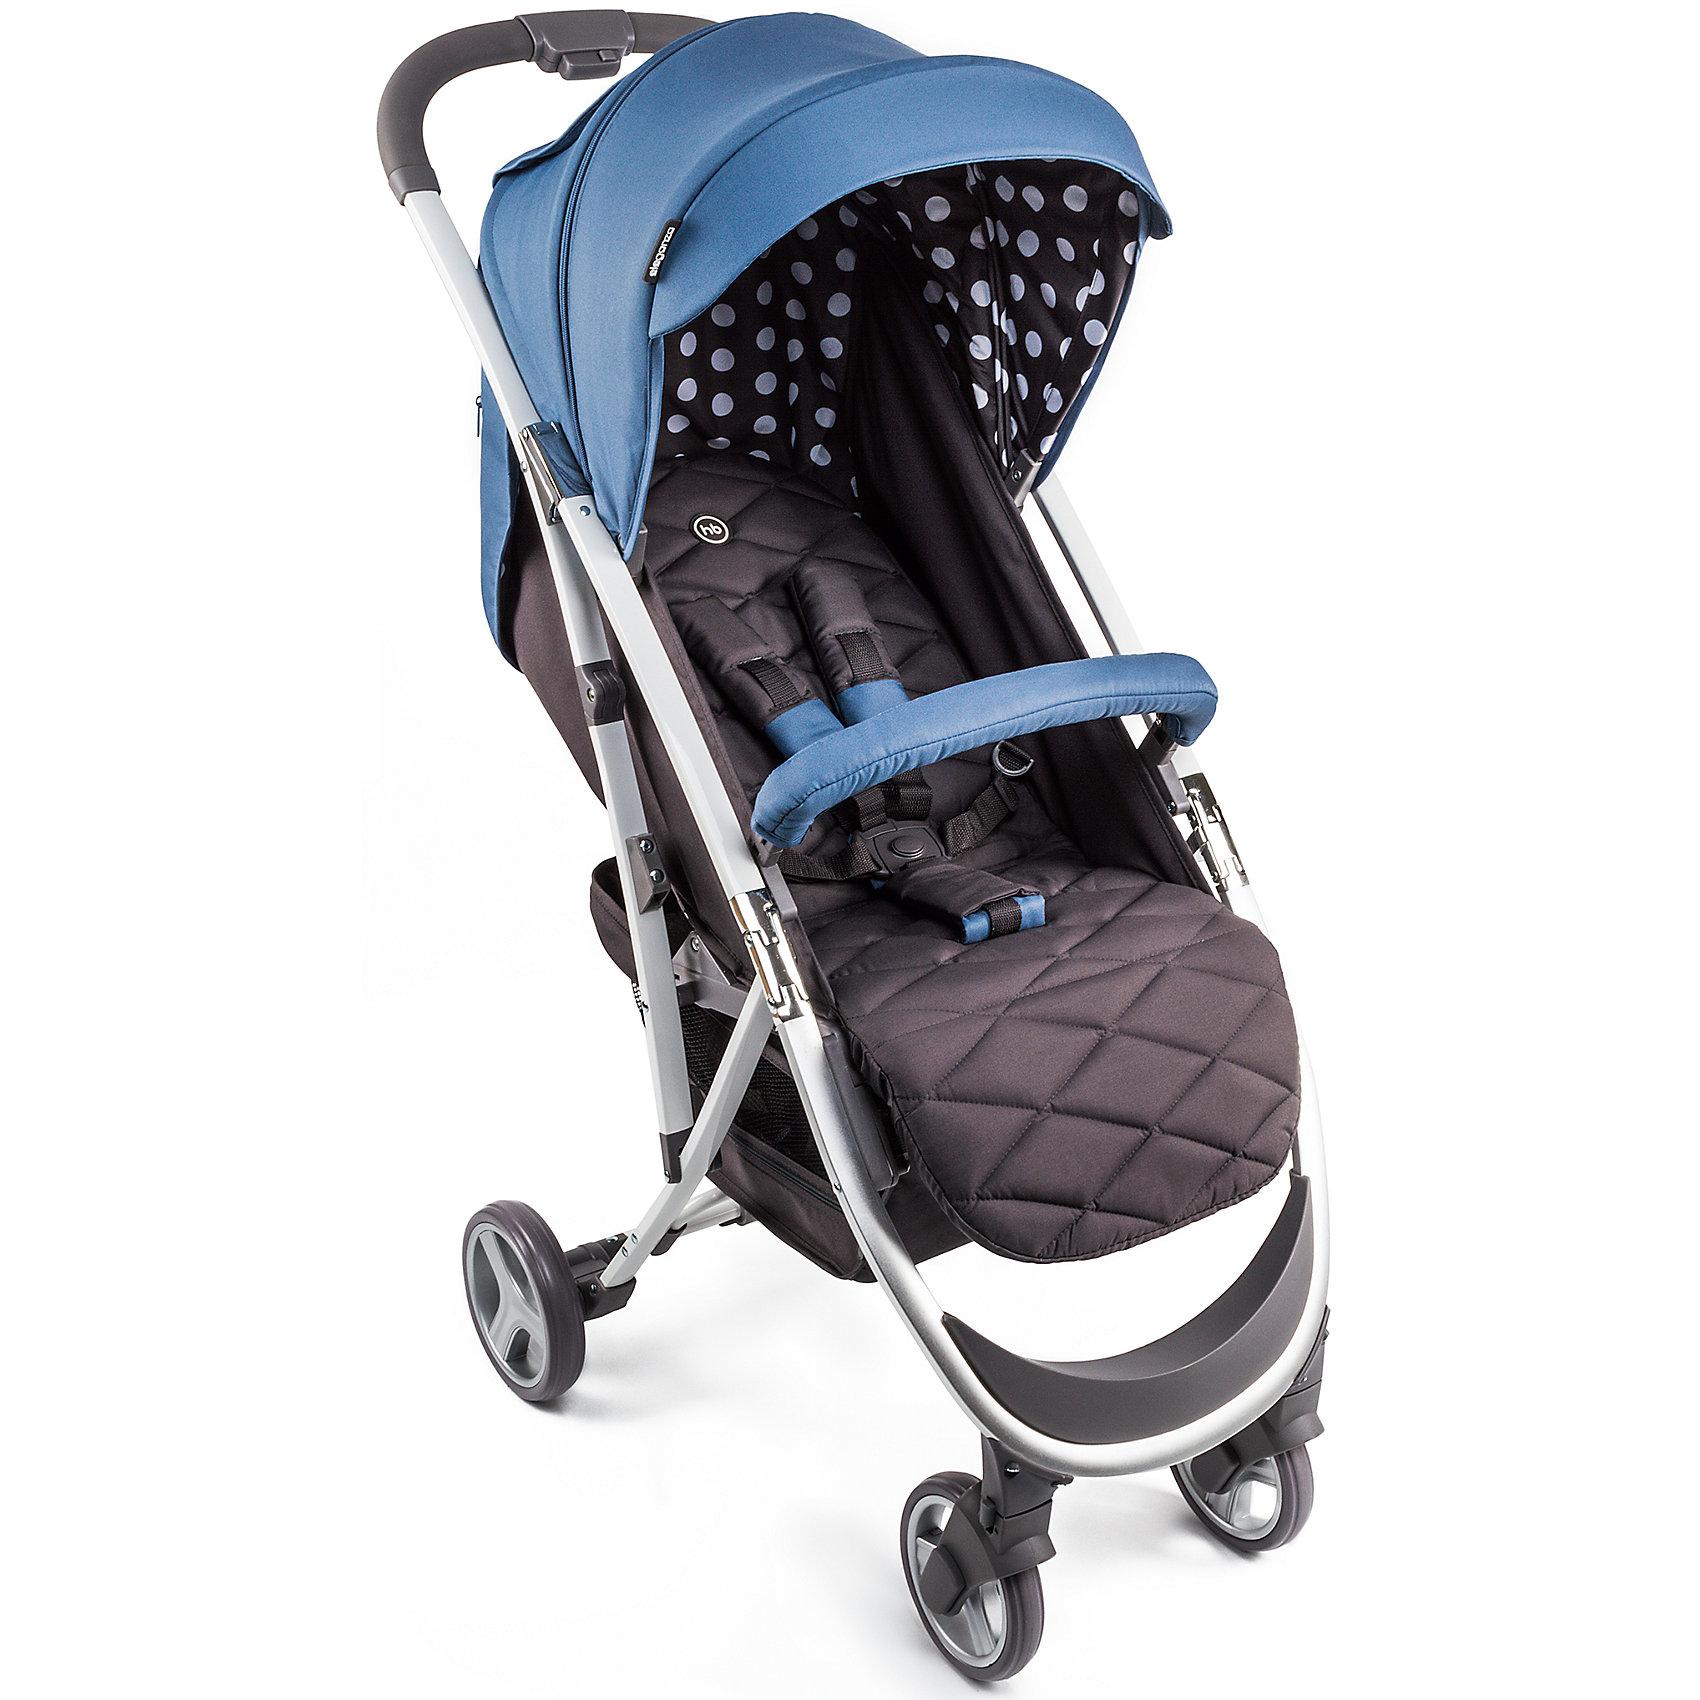 Прогулочная коляска Happy Baby Eleganza V2, синийПрогулочные коляски для лета<br>Модель ELEGANZA V2 объединяет в себе стиль и отличные ходовые данные, которые по достоинству оценят как владельцы коляски, так и окружающие. Коляска легко складывается одной рукой, имеет амортизацию на передних и задних колесах и занимает мало места в сложенном виде. При весе всего 6,9 кг коляска ELEGANZA V2 имеет съемный бампер, козырек с окошком, регулируемую спинку. Комплектуется дождевиком, чехлом на ножки, москитной сеткой и корзиной.<br>Характеристики:<br>Возраст: от 7 месяцев<br>Максимальный вес ребенка: 15 кг<br>Вес коляски: 7,1 кг<br>Ширина сиденья: 34 см<br>Глубина сиденья: 22 см<br>Длина спального места: 86 см<br>Ширина колесной базы: 50 см<br>Диаметр колес: передние — 15,2 см, задние — 16,8 см<br>Колёсная база: передние поворотные колеса (360°) с возможностью фиксации<br>Регулировка ручки: нет<br>Тип складывания: книжка<br>Габариты в сложенном виде ДхШхВ: 63*50*31 см<br>Габариты в разложенном виде ДхШхВ: 88*50*107 см<br>Регулировка наклона спинки, 3 положения<br>Регулируемая подножка, 2 положения<br>Складывается одной рукой<br>Новый увеличенный капюшон опускается до бампера<br>Смотровое окошко теперь закрывается козырьком на магните<br>Новый карман для мелочей на капюшоне<br>Тормозная педаль на оси задних колес<br>Вместительная корзина для покупок теперь с дополнительной молнией<br>Пятиточечные ремни безопасности с мягкими накладками<br>Колеса: пластиковые с покрытием EVA (этиленвинилацетат)<br>Амортизация на передних и задних колесах<br>В комплекте: дождевик, чехол на ножки, москитная сетка, корзина для покупок.<br><br>Ширина мм: 250<br>Глубина мм: 445<br>Высота мм: 700<br>Вес г: 8900<br>Возраст от месяцев: 7<br>Возраст до месяцев: 36<br>Пол: Унисекс<br>Возраст: Детский<br>SKU: 6681552